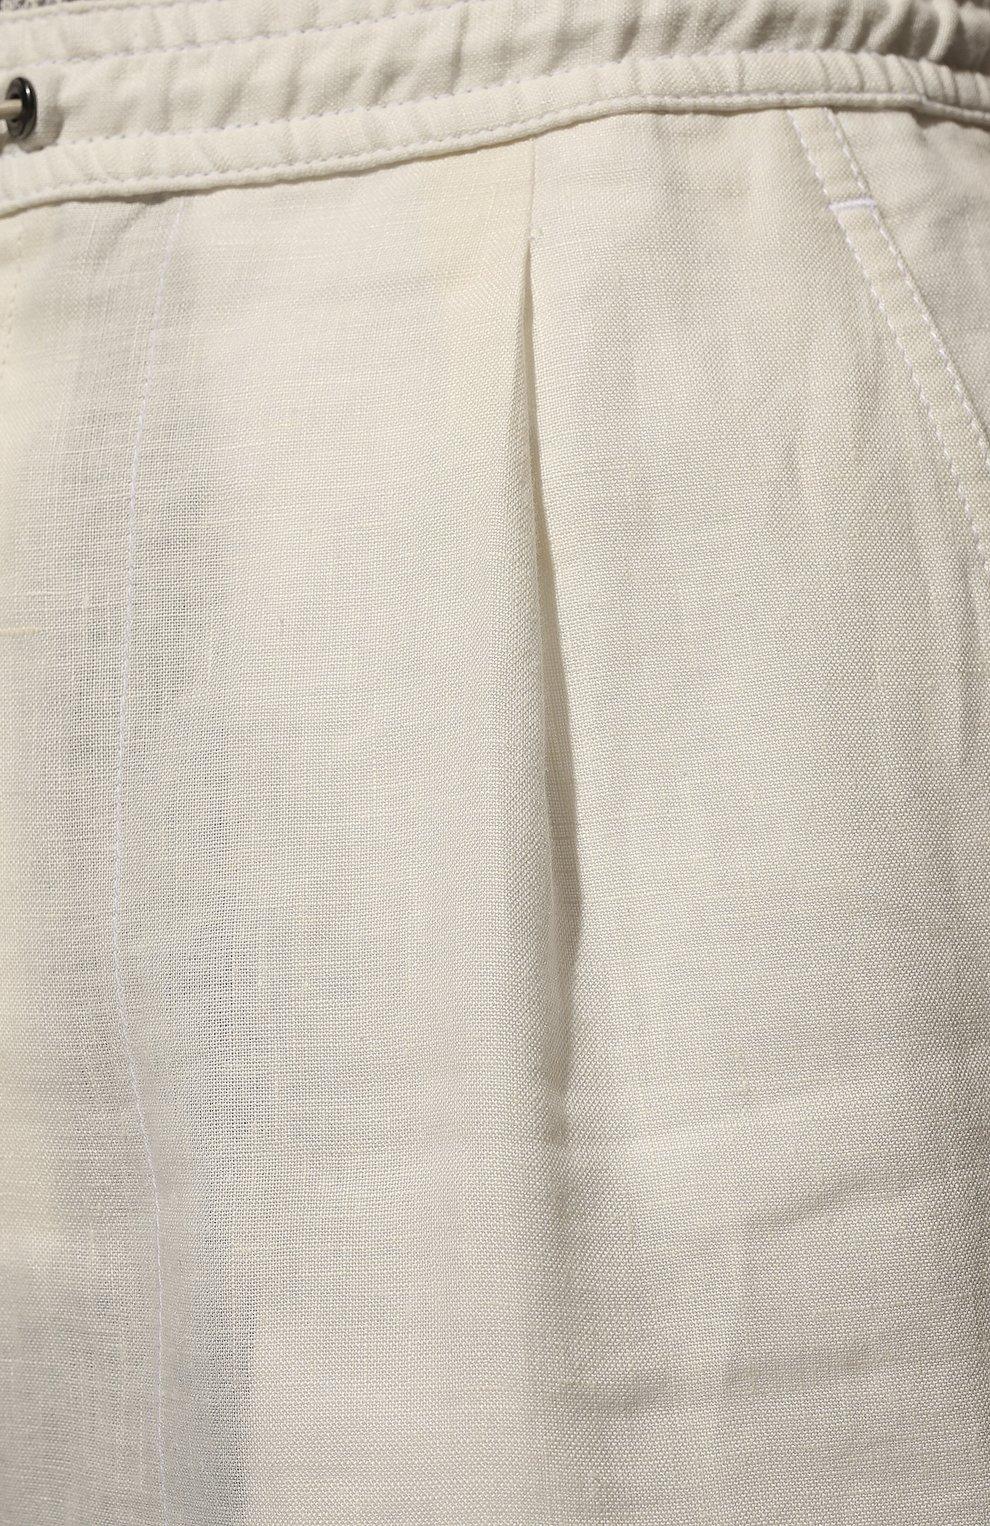 Мужские льняные брюки BRIONI белого цвета, арт. RPMJ0M/P6114/NEW JAMAICA   Фото 5 (Длина (брюки, джинсы): Стандартные; Случай: Повседневный; Материал внешний: Лен; Стили: Кэжуэл)